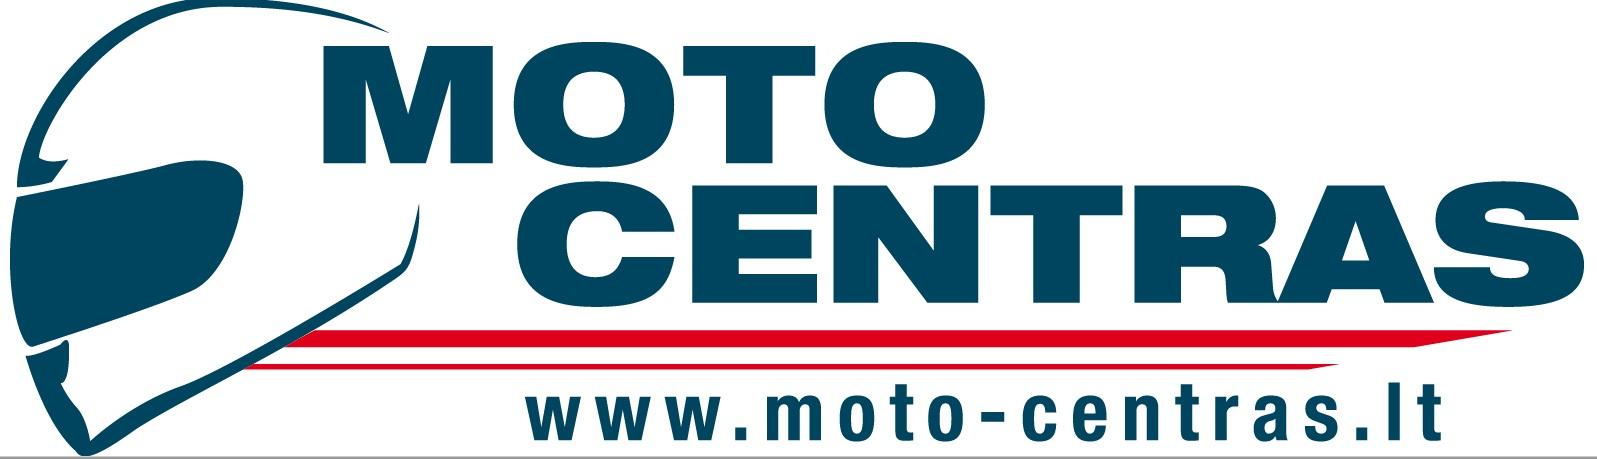 moto-centras